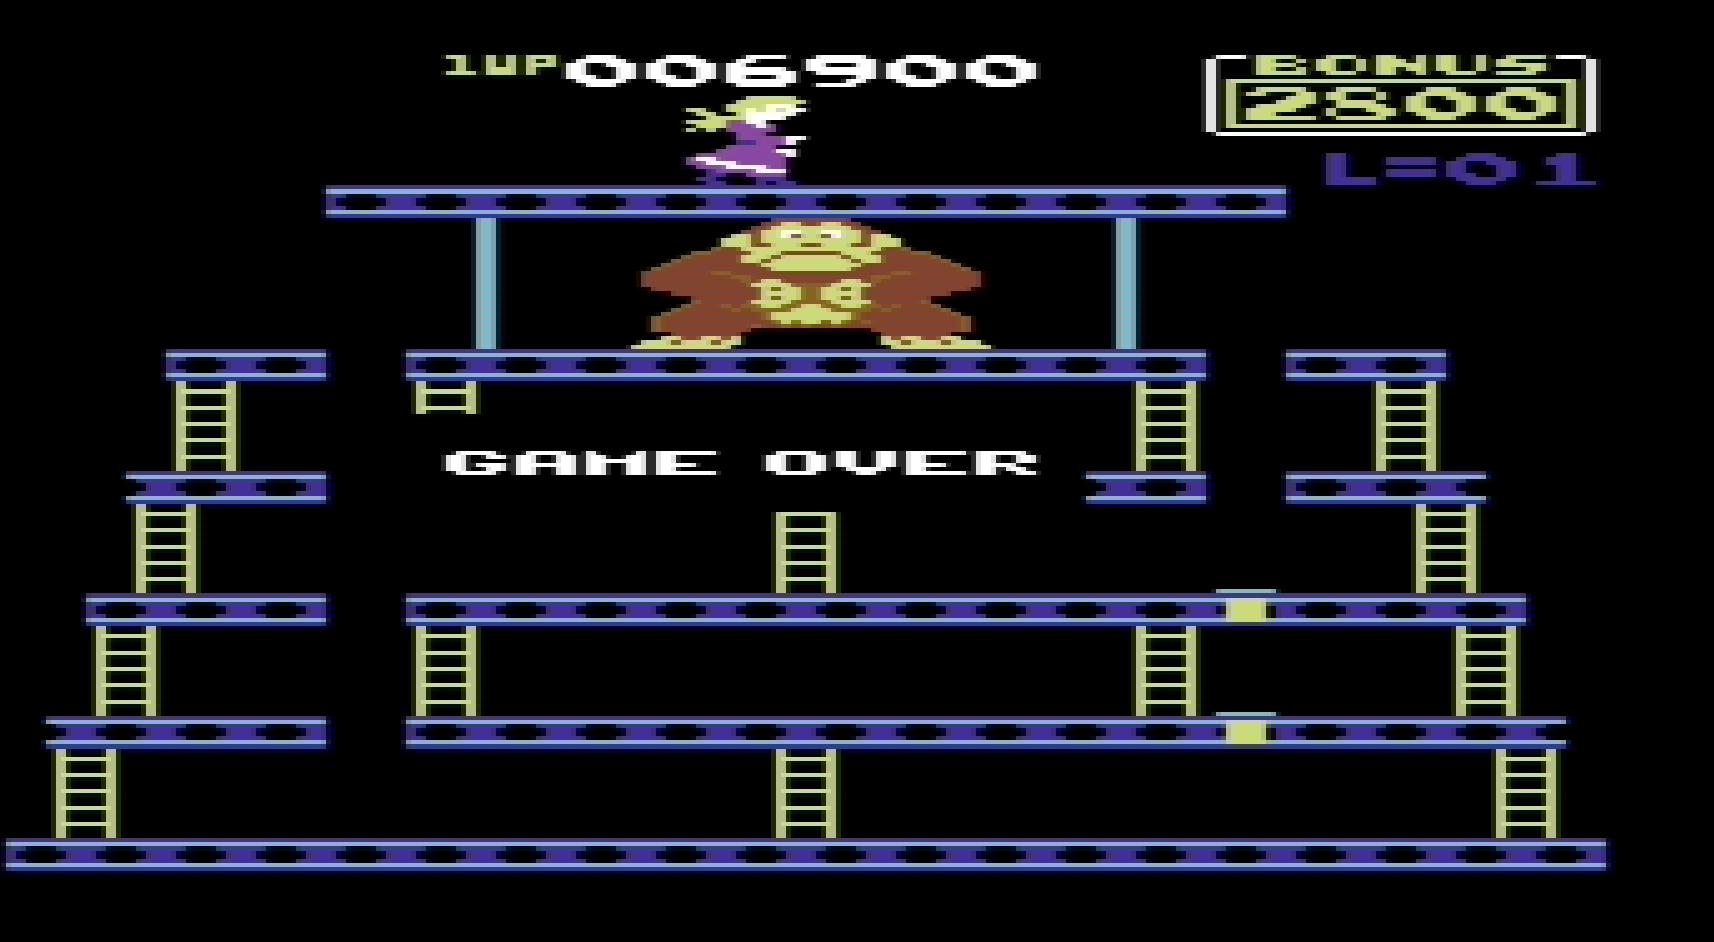 Donkey Kong: Atarisoft 6,900 points